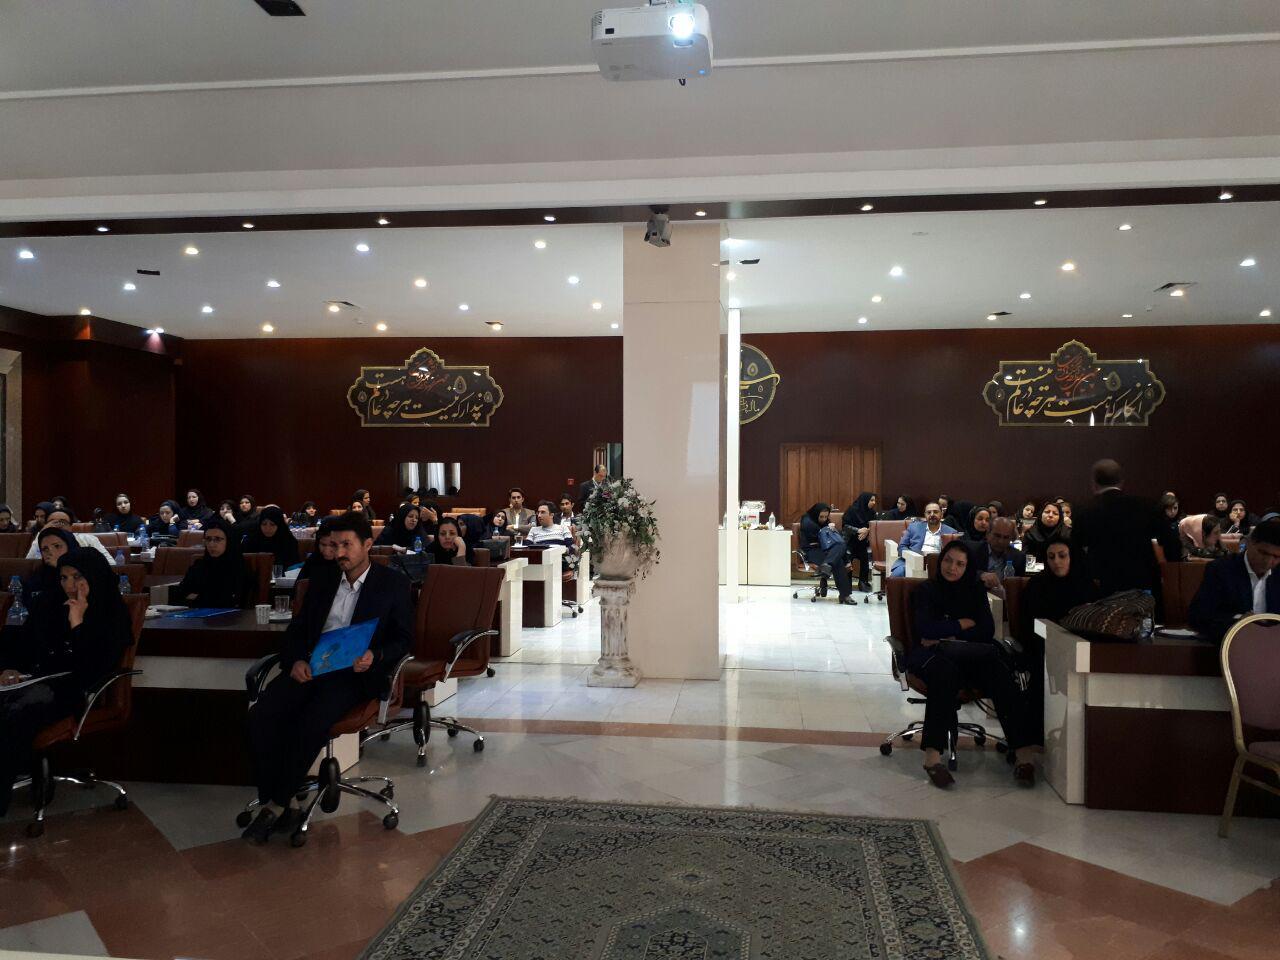 برگزاری سمینار آموزش پرستاری دستگاه های دیالیز  4008s Classic فرزنیوس در مشهد 12